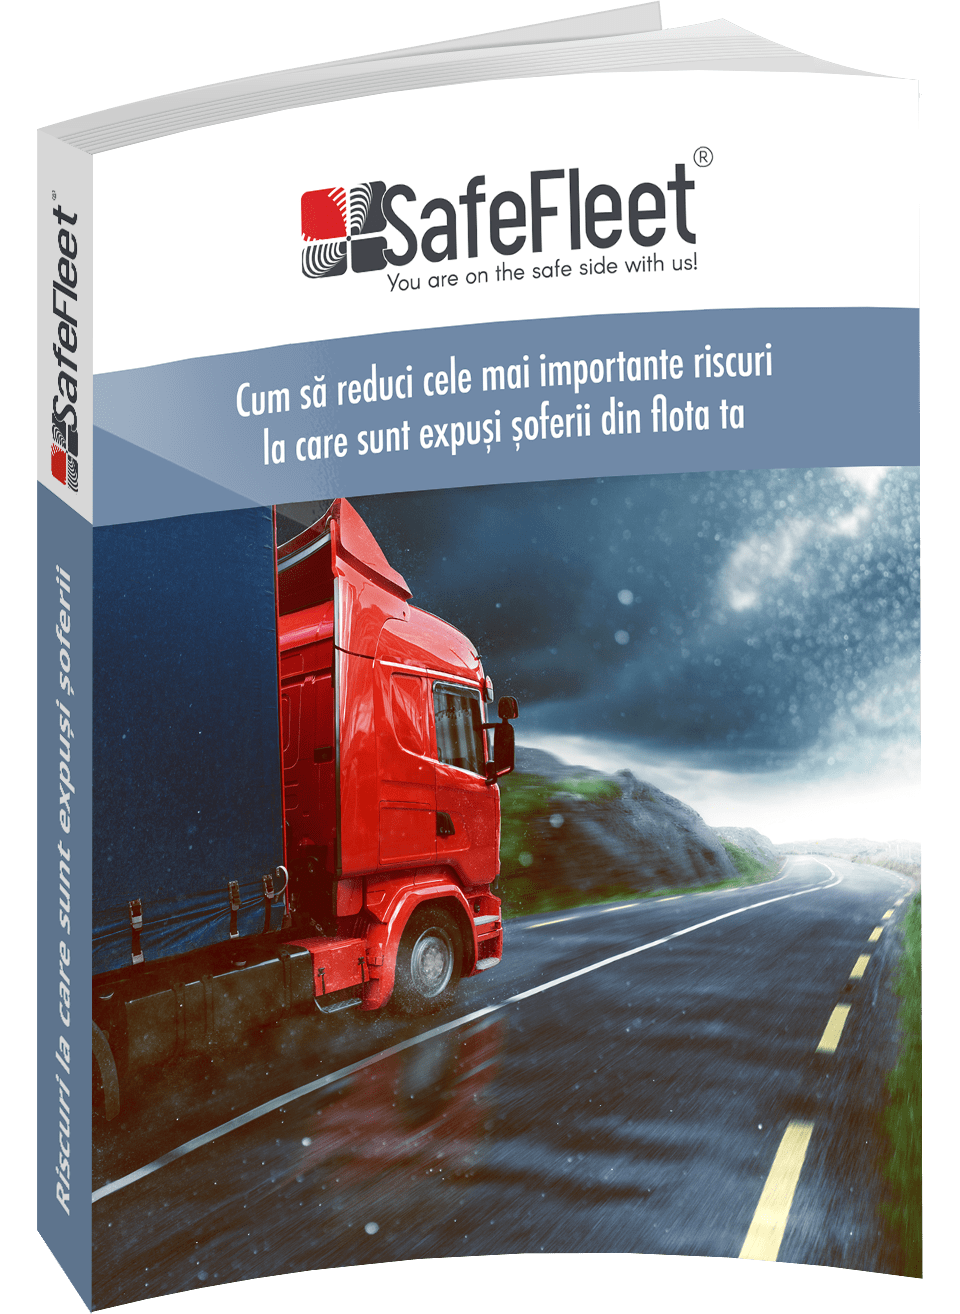 Cum să reduci cele mai importante riscuri la care sunt expuși șoferii din flota ta ebook